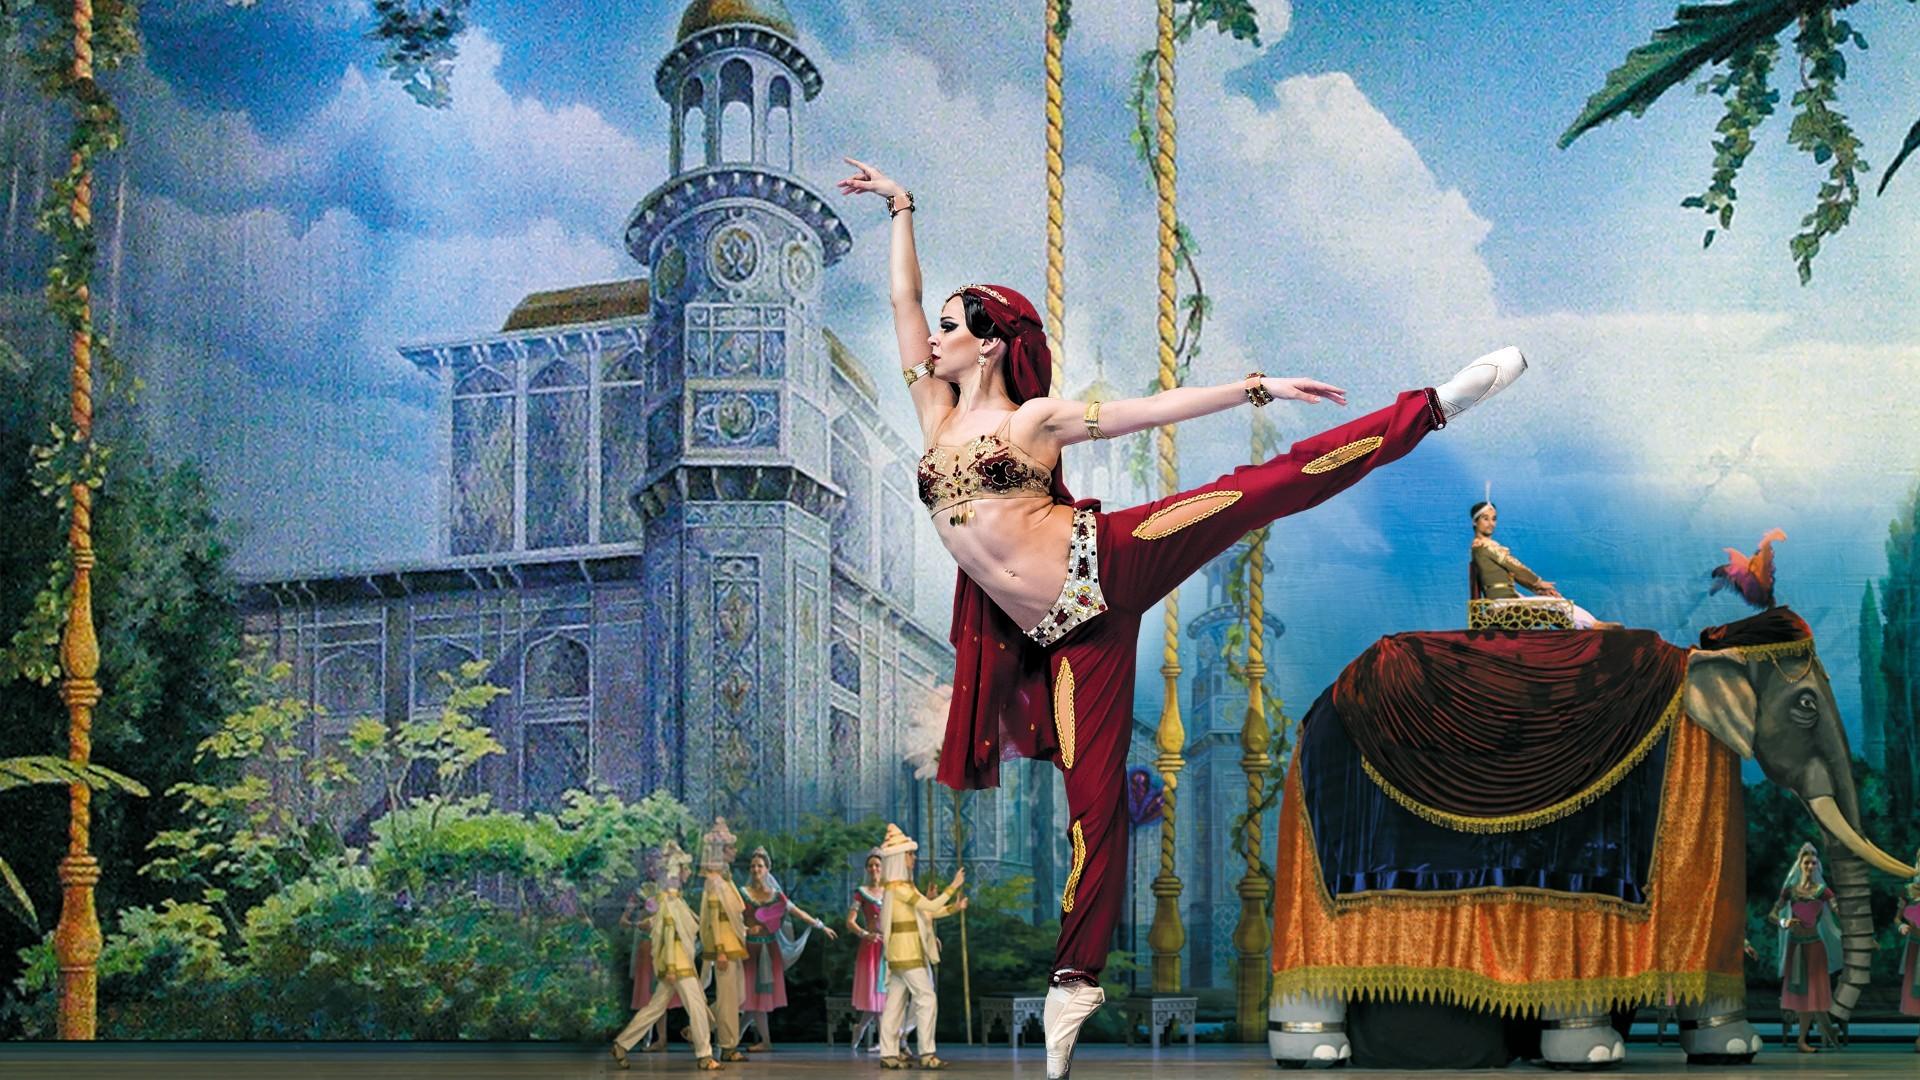 """VII Международный фестиваль балета в Кремле. Баядерка. Спектакль театра """"Кремлёвский балет"""""""